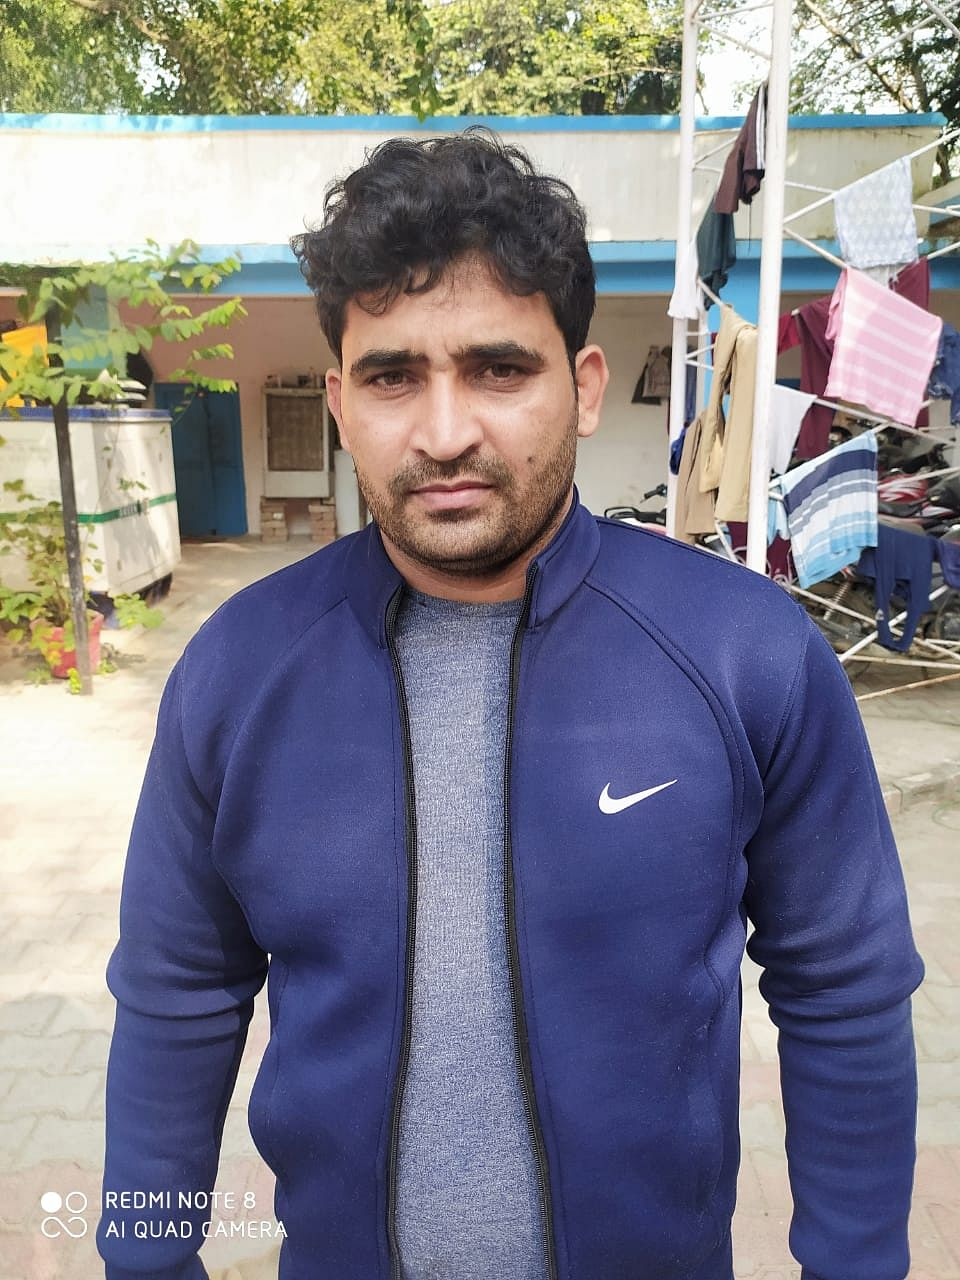 प्रधान डाकघर कैंट से सात करोड़ के गबन मामले में आरोपित डाक सहायक गिरफ्तार